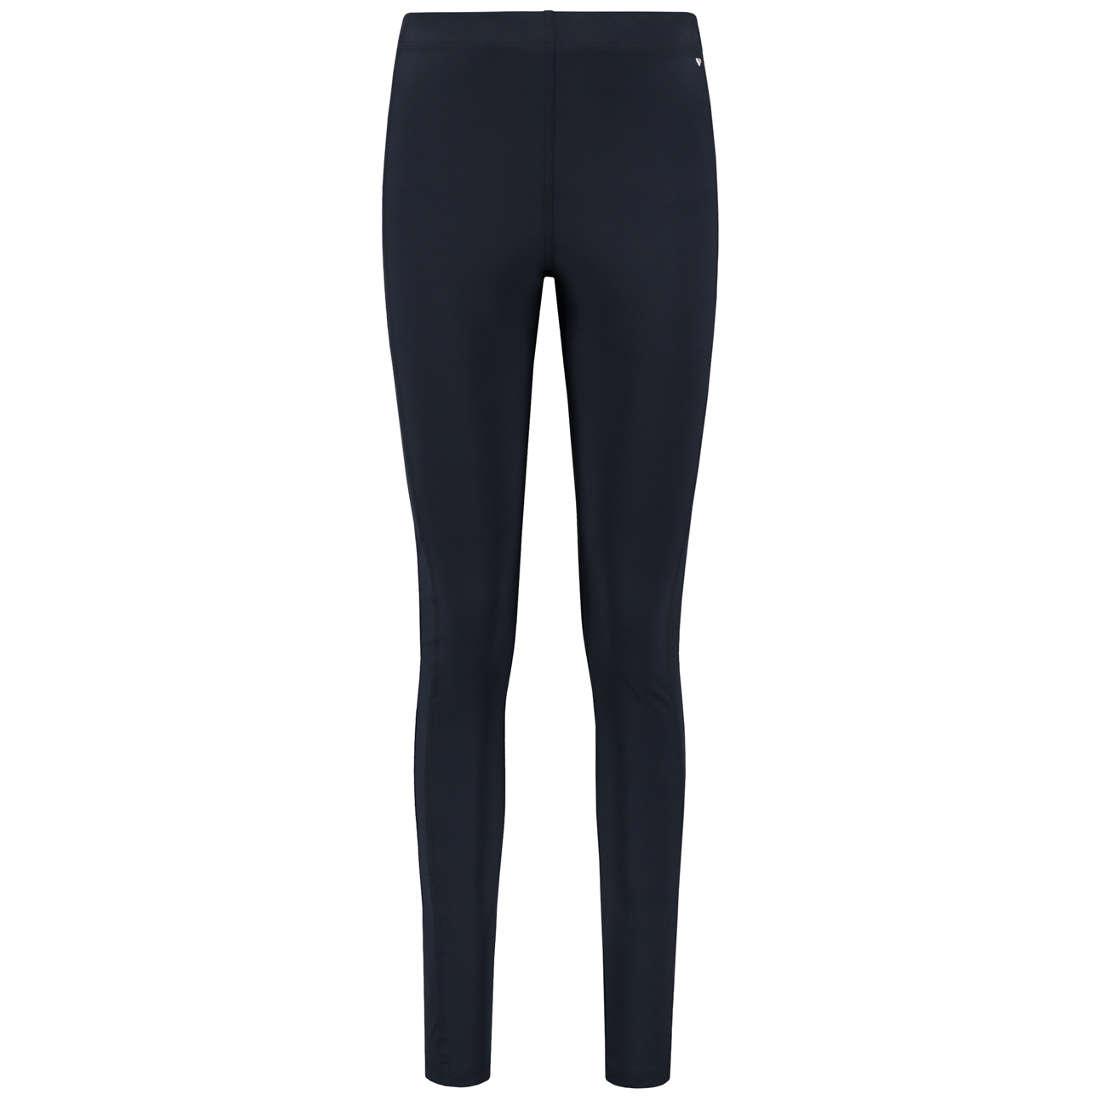 Image of Helena Hart broek 5817-legging in het Donker Blauw